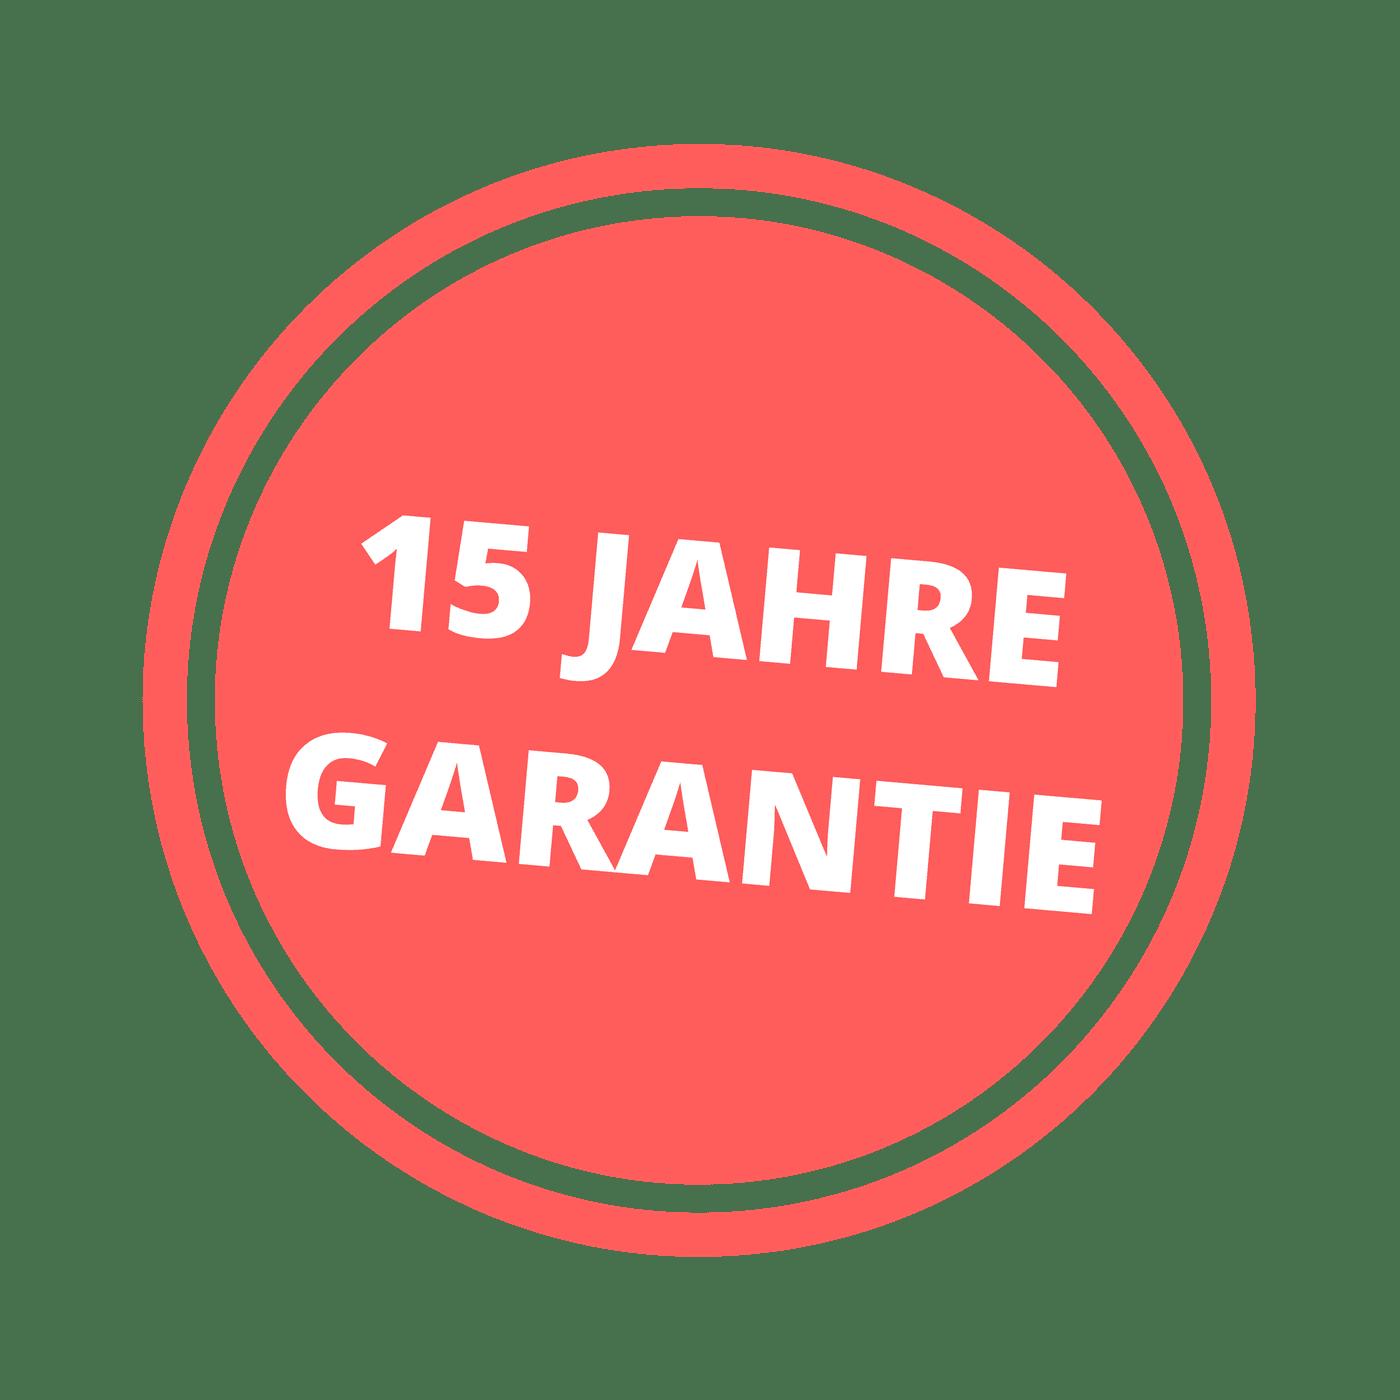 15-Jahre-Garantie